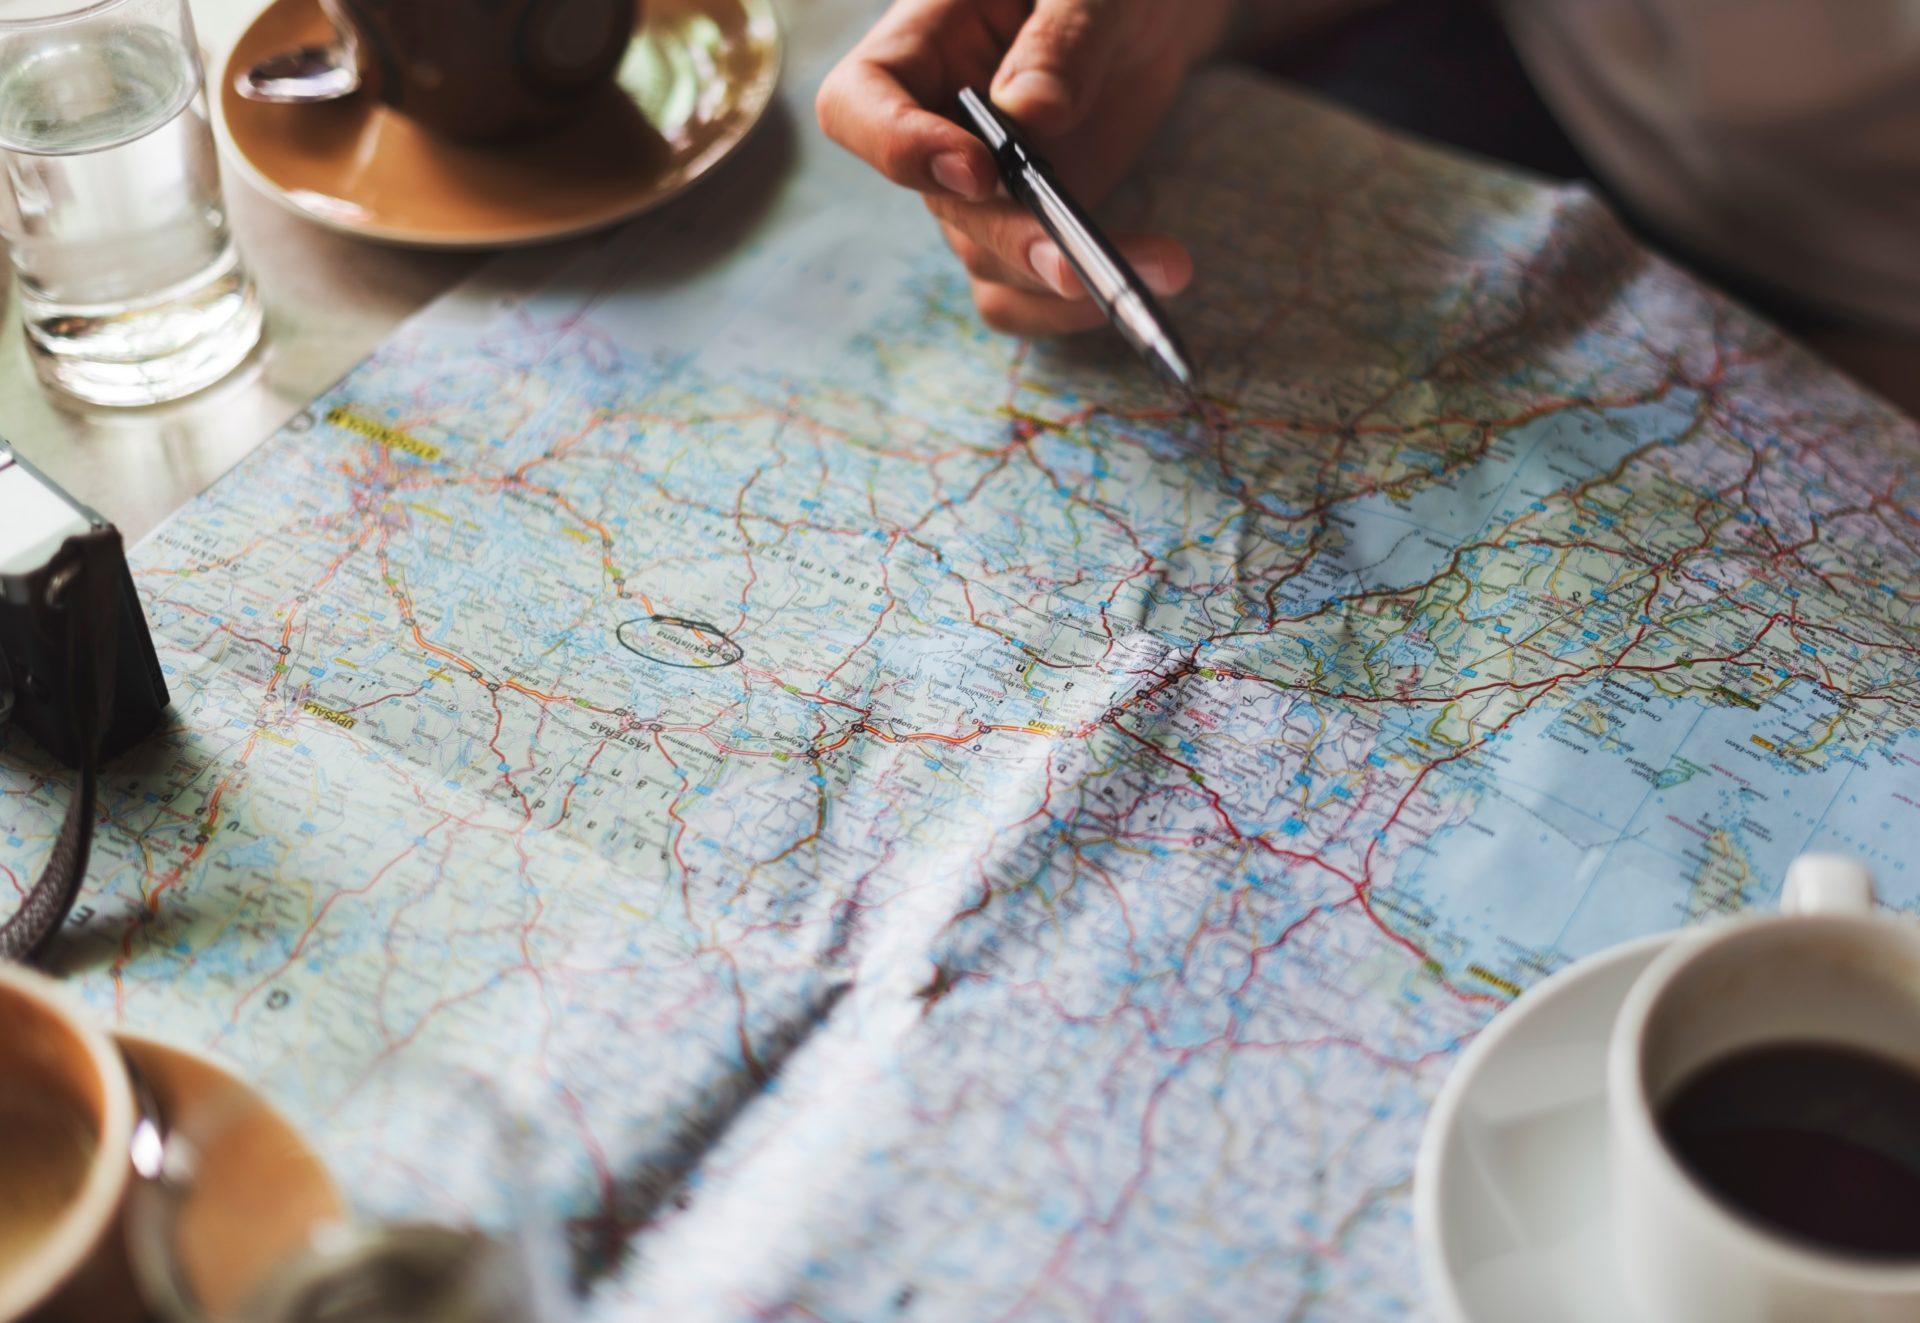 kravu pārvadājumu grafiks Lieldienās un maija brīvdienās, fonā karte